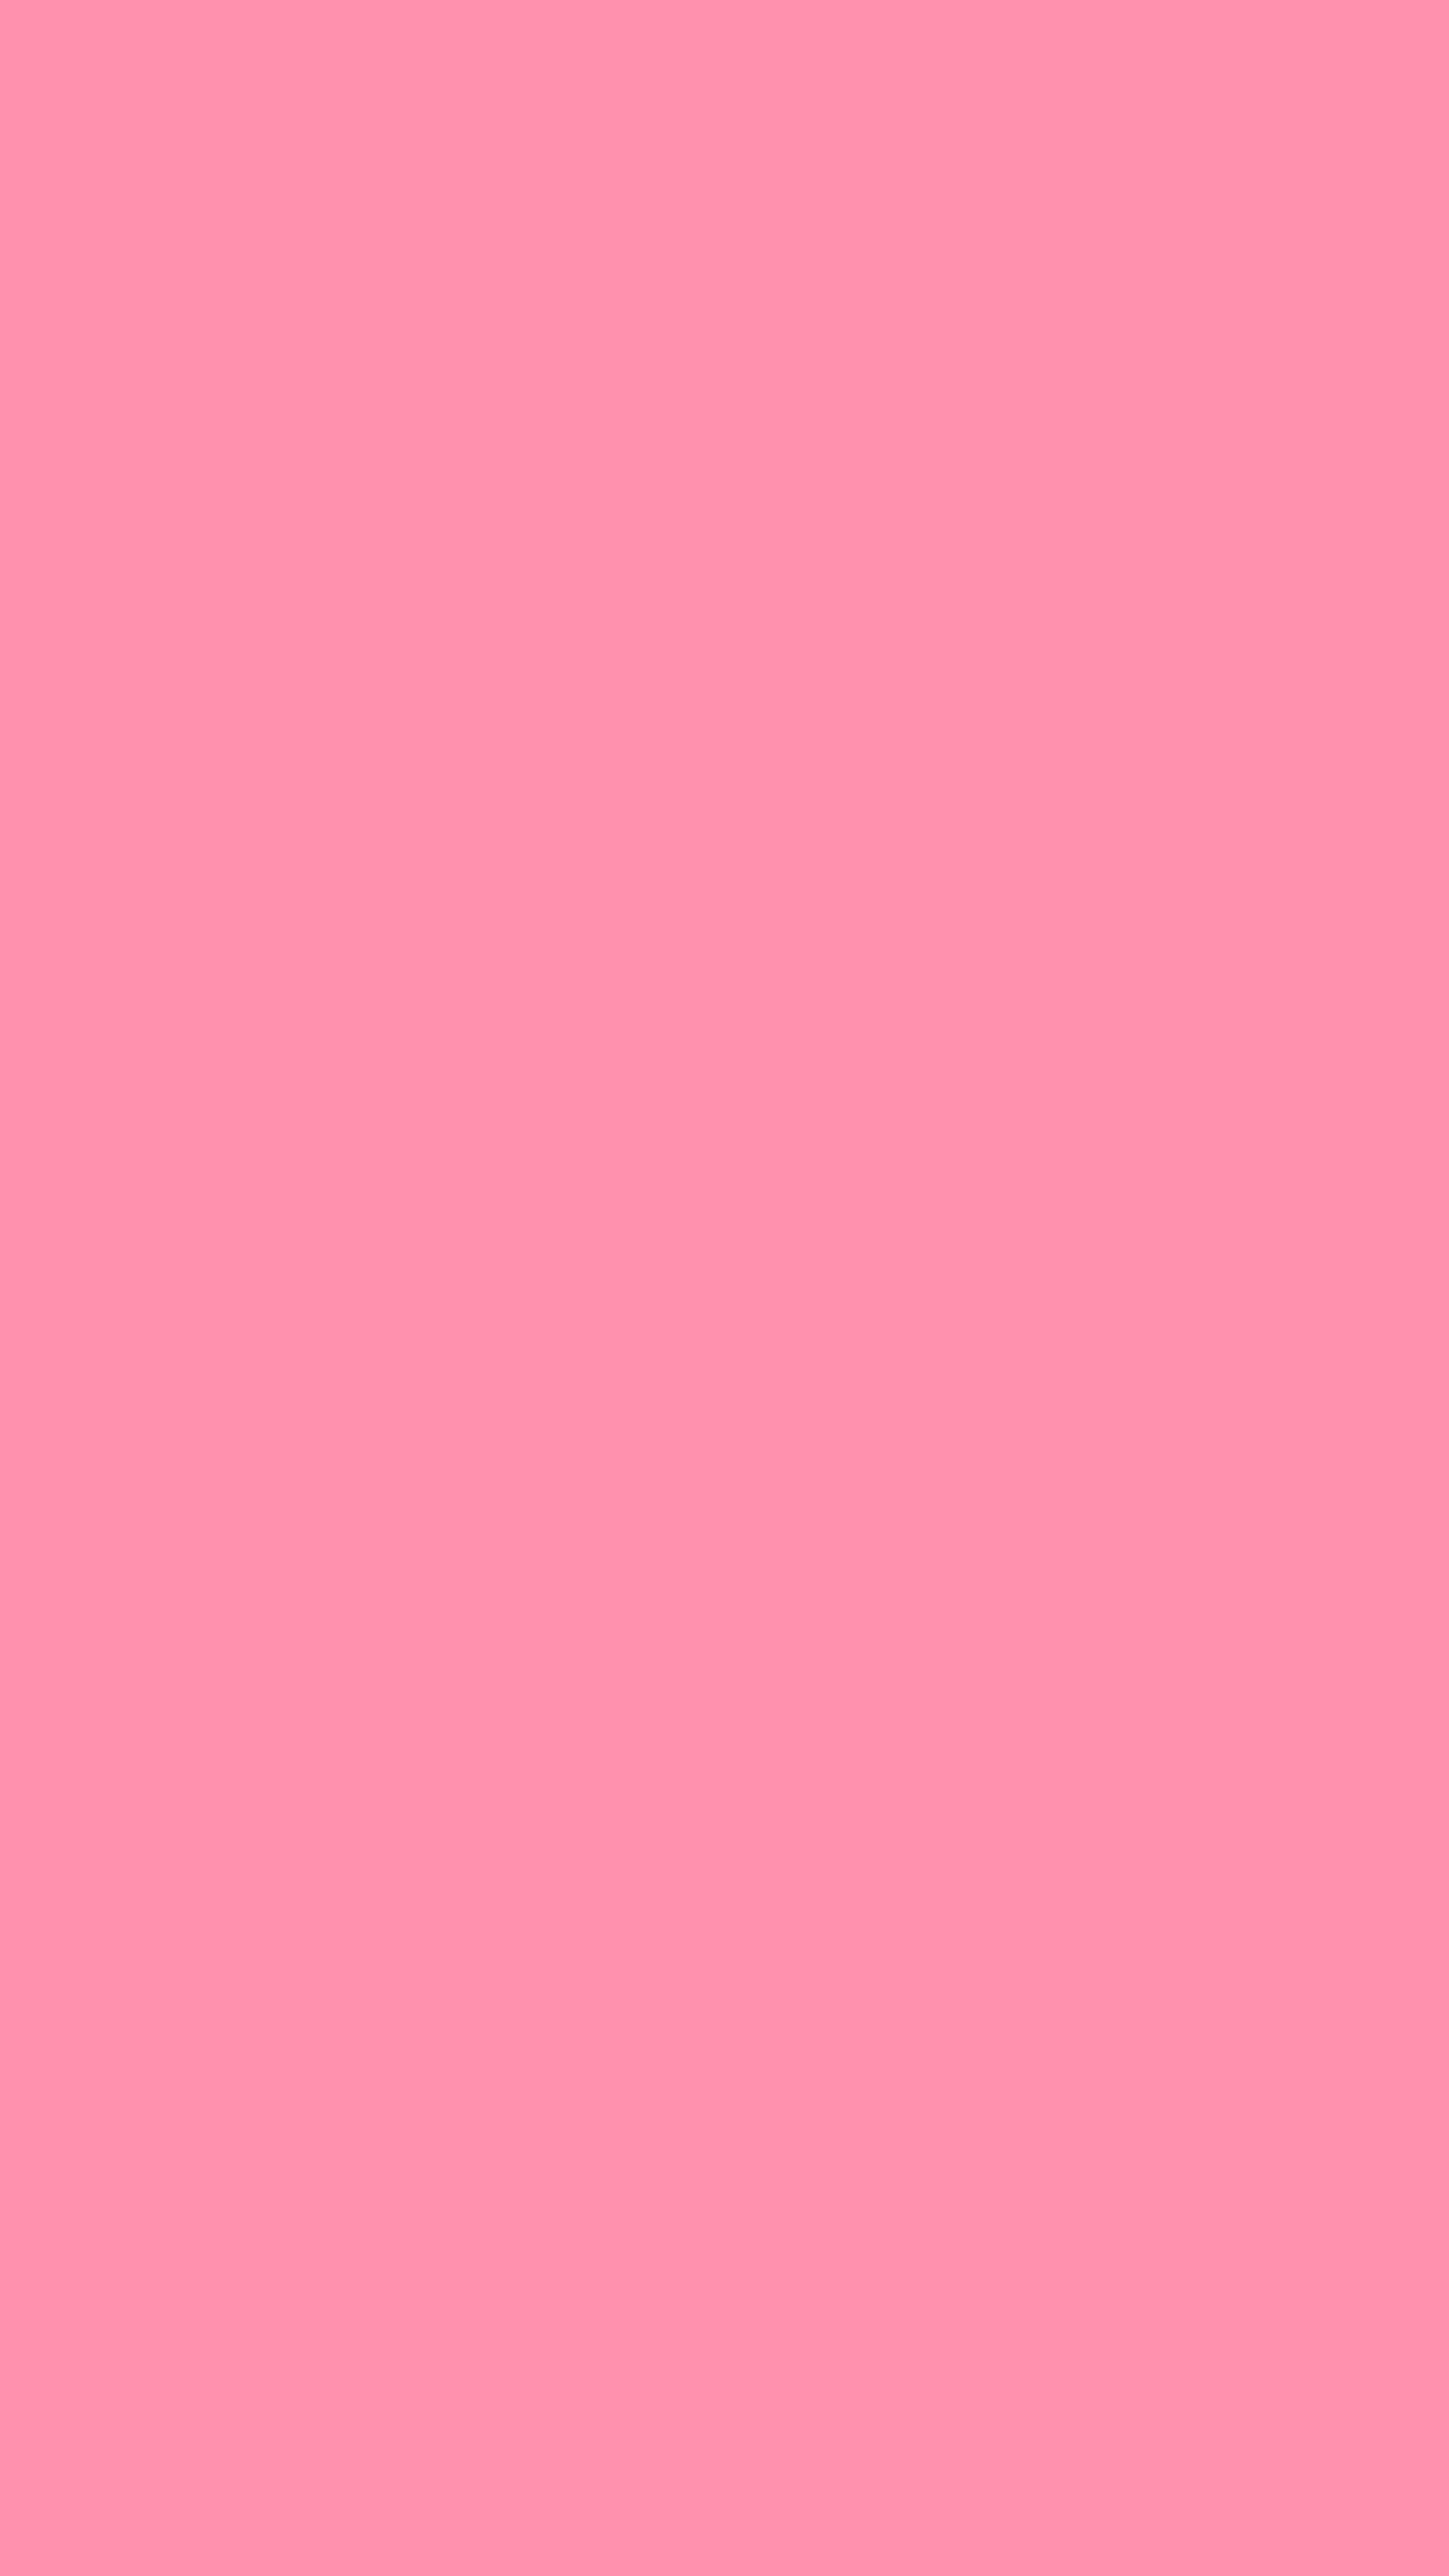 Baker Miller Pink Solid Color Background Wallpaper For